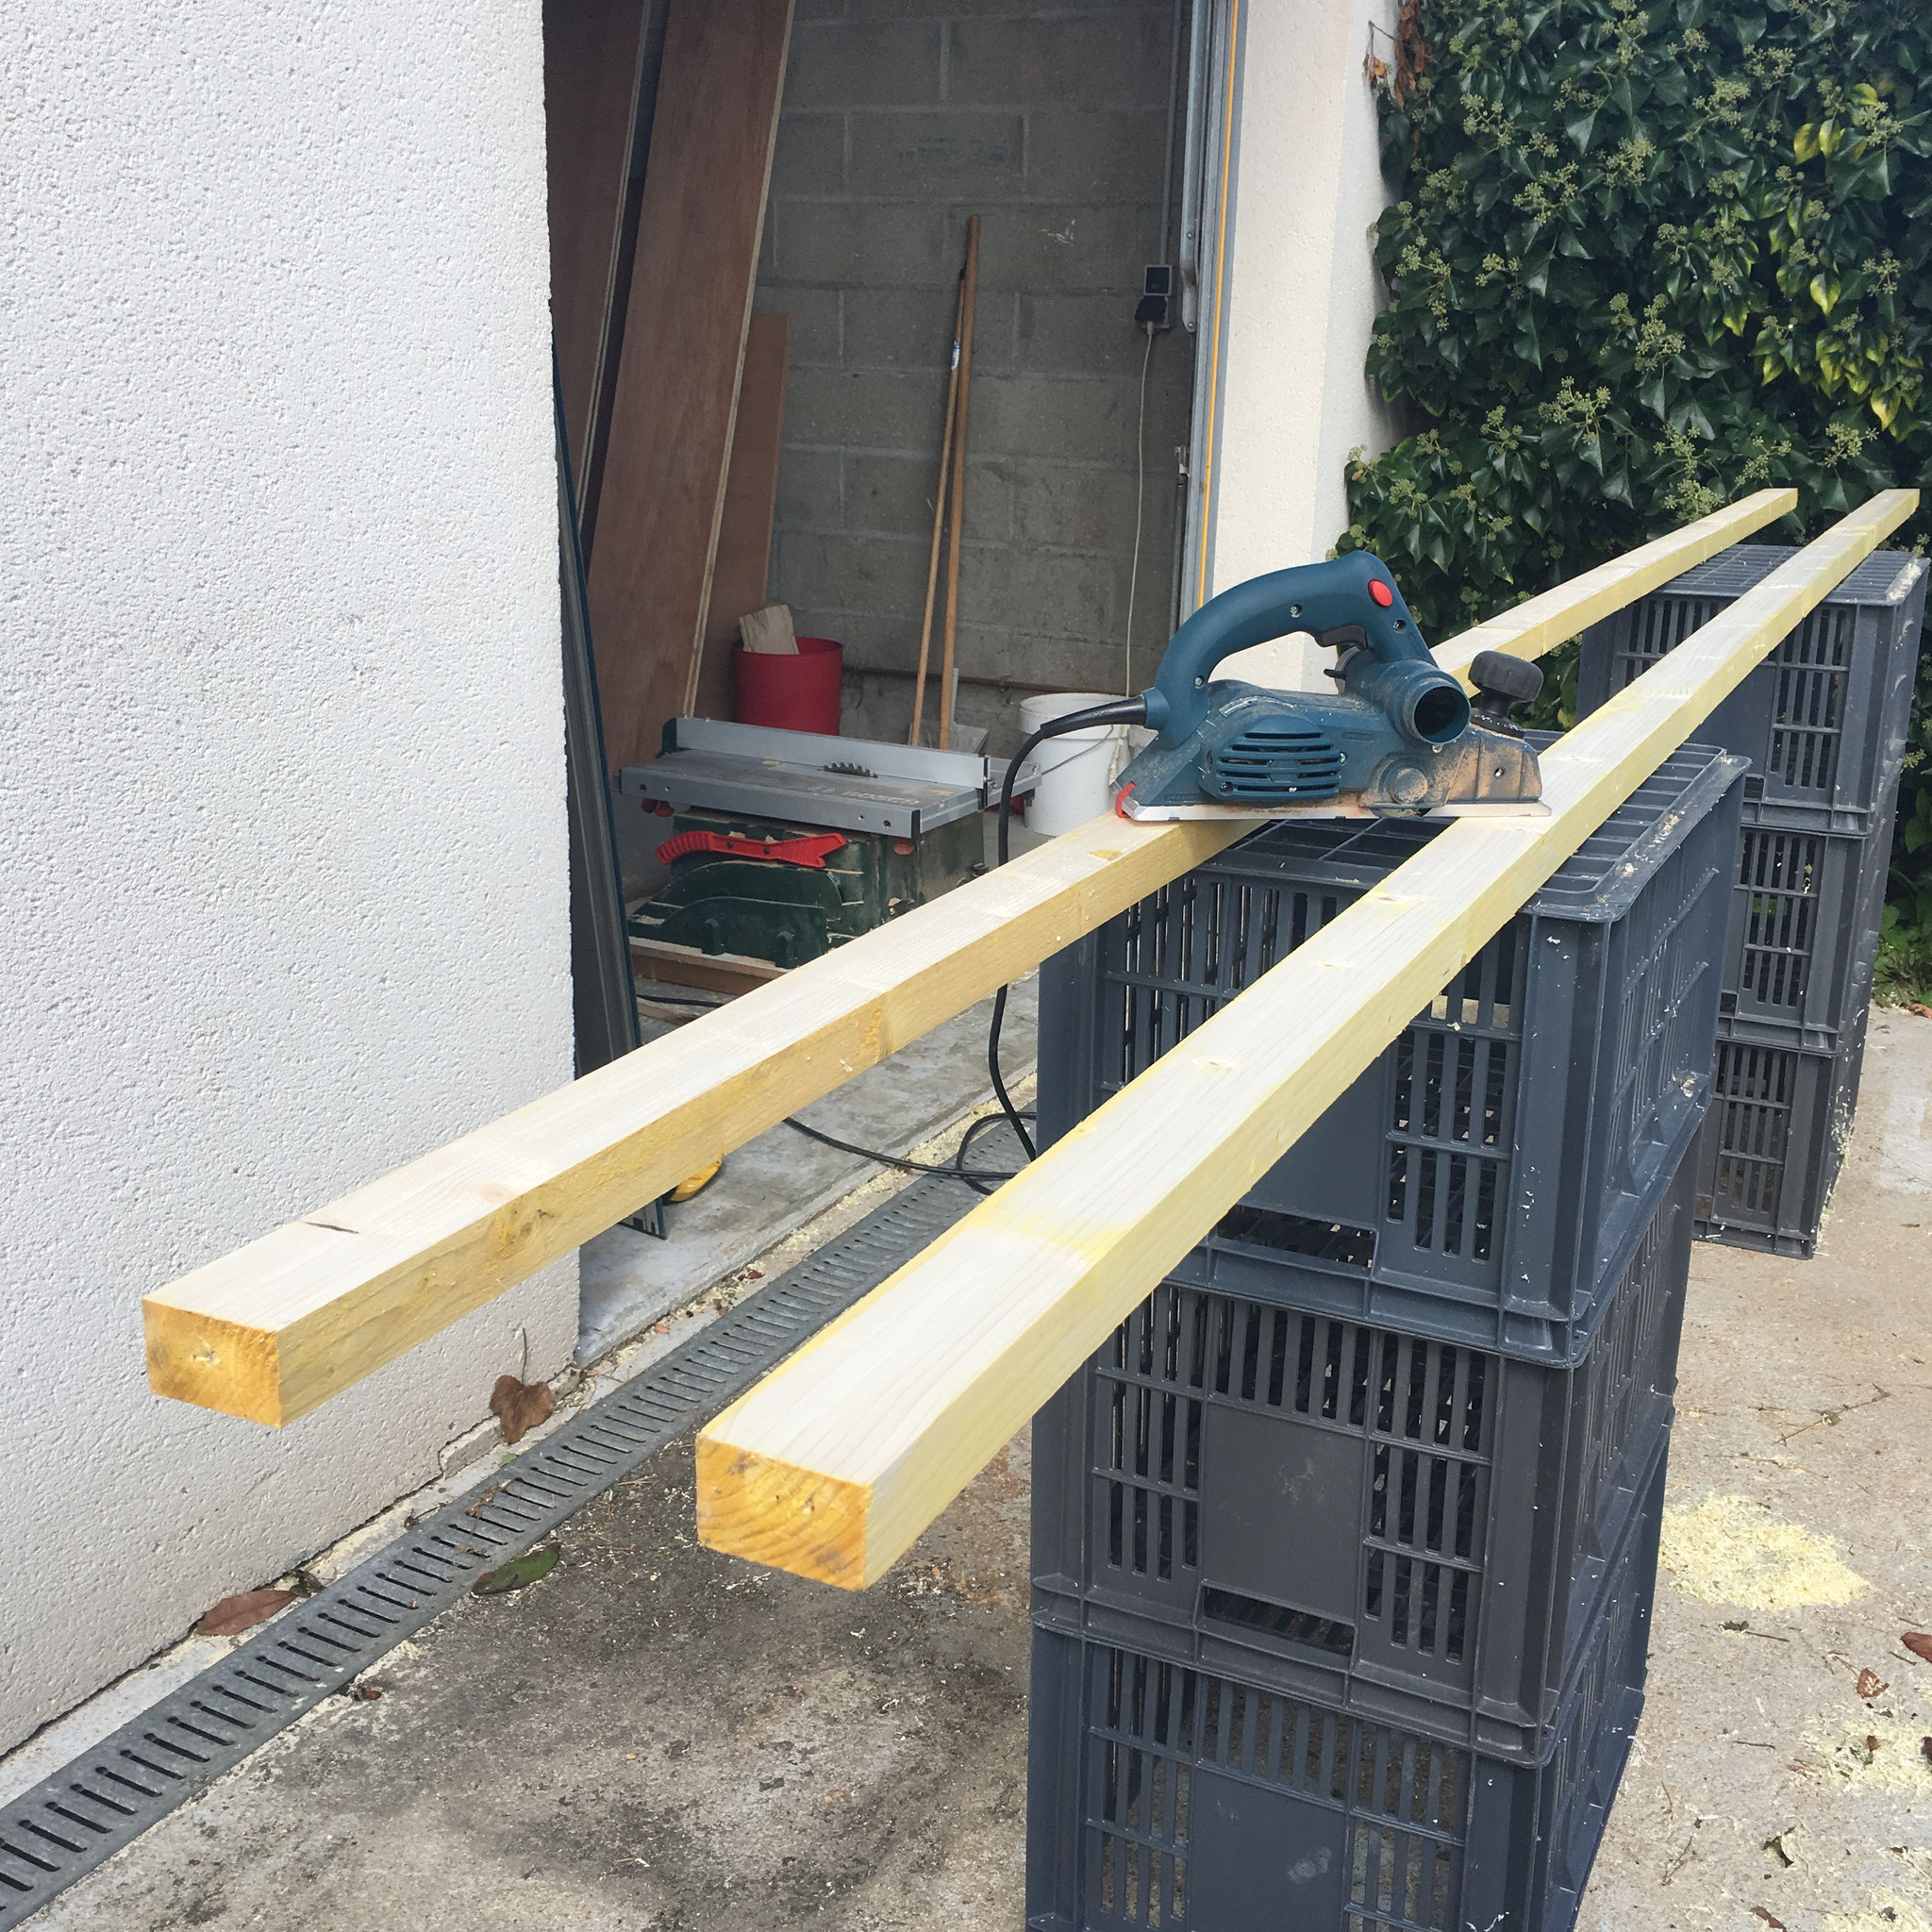 rabotage de bois brut pour la réalisation des profils de bords du plateau